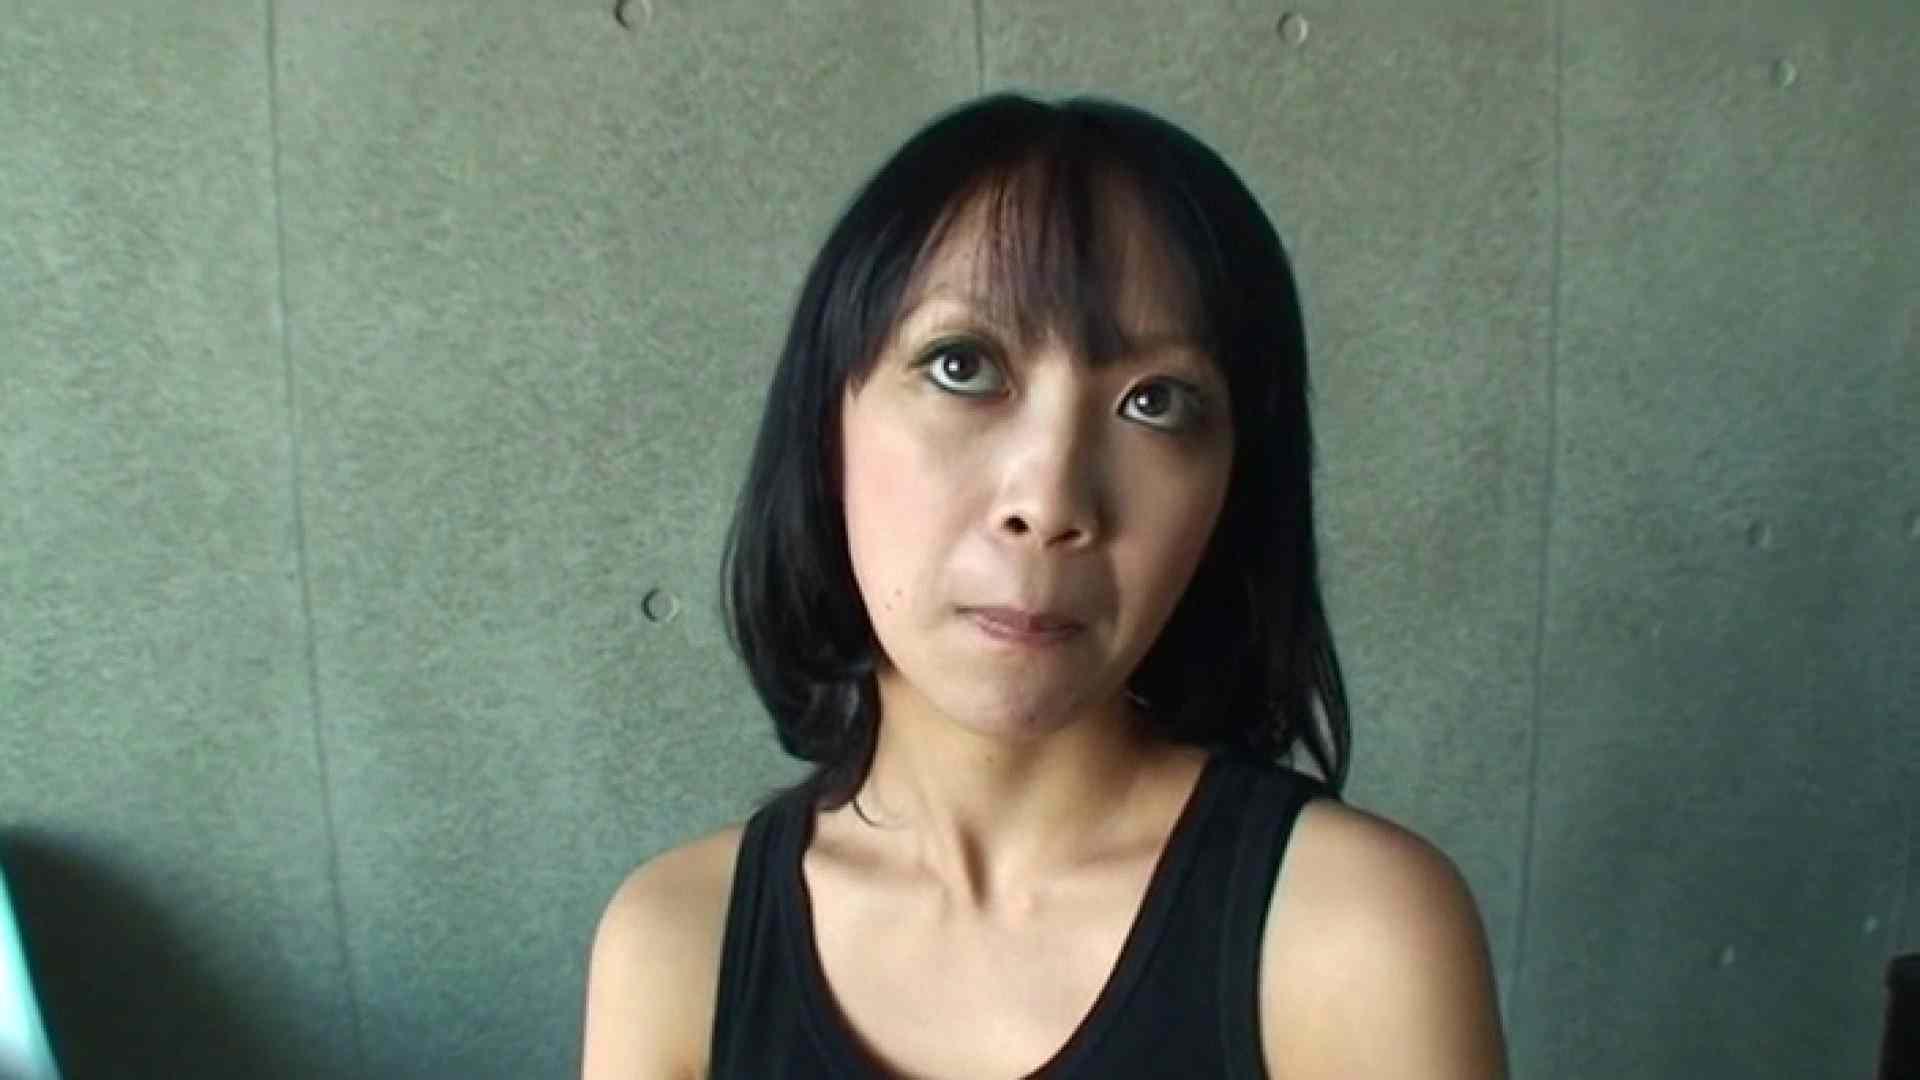 おしえてギャル子のH塾 Vol.35前編 独身エッチOL | 車  71pic 14